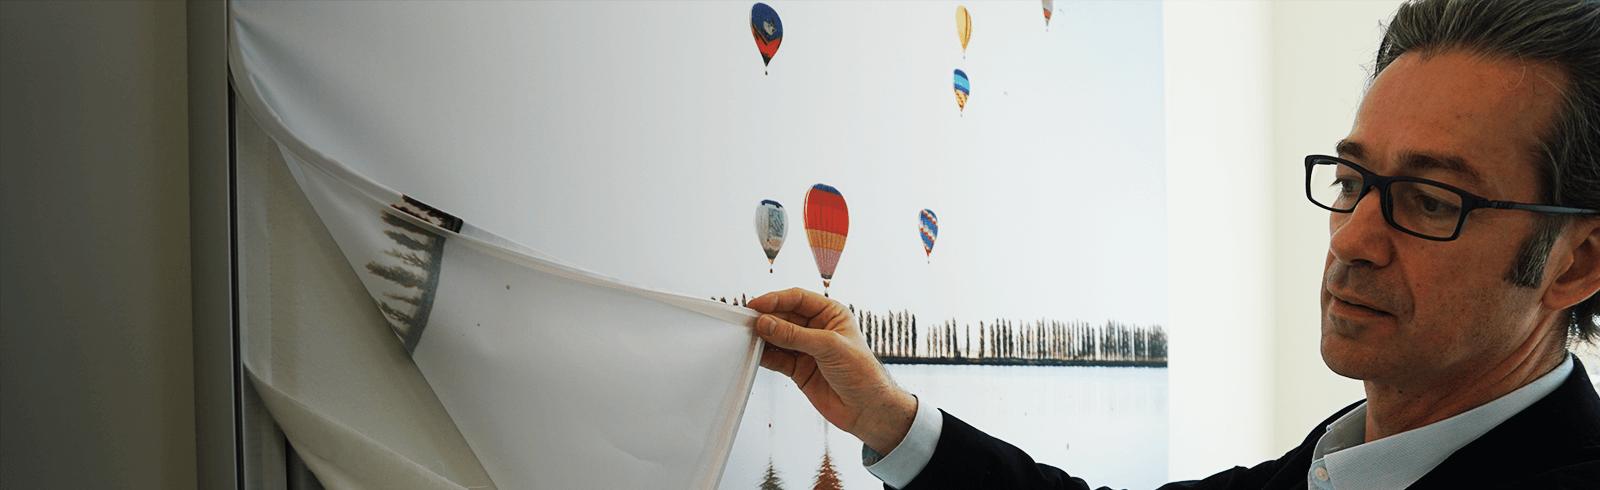 Pieter Niessen von objectiv in Köln schaut sich eine Leinwand zur Akustikverbesserung an